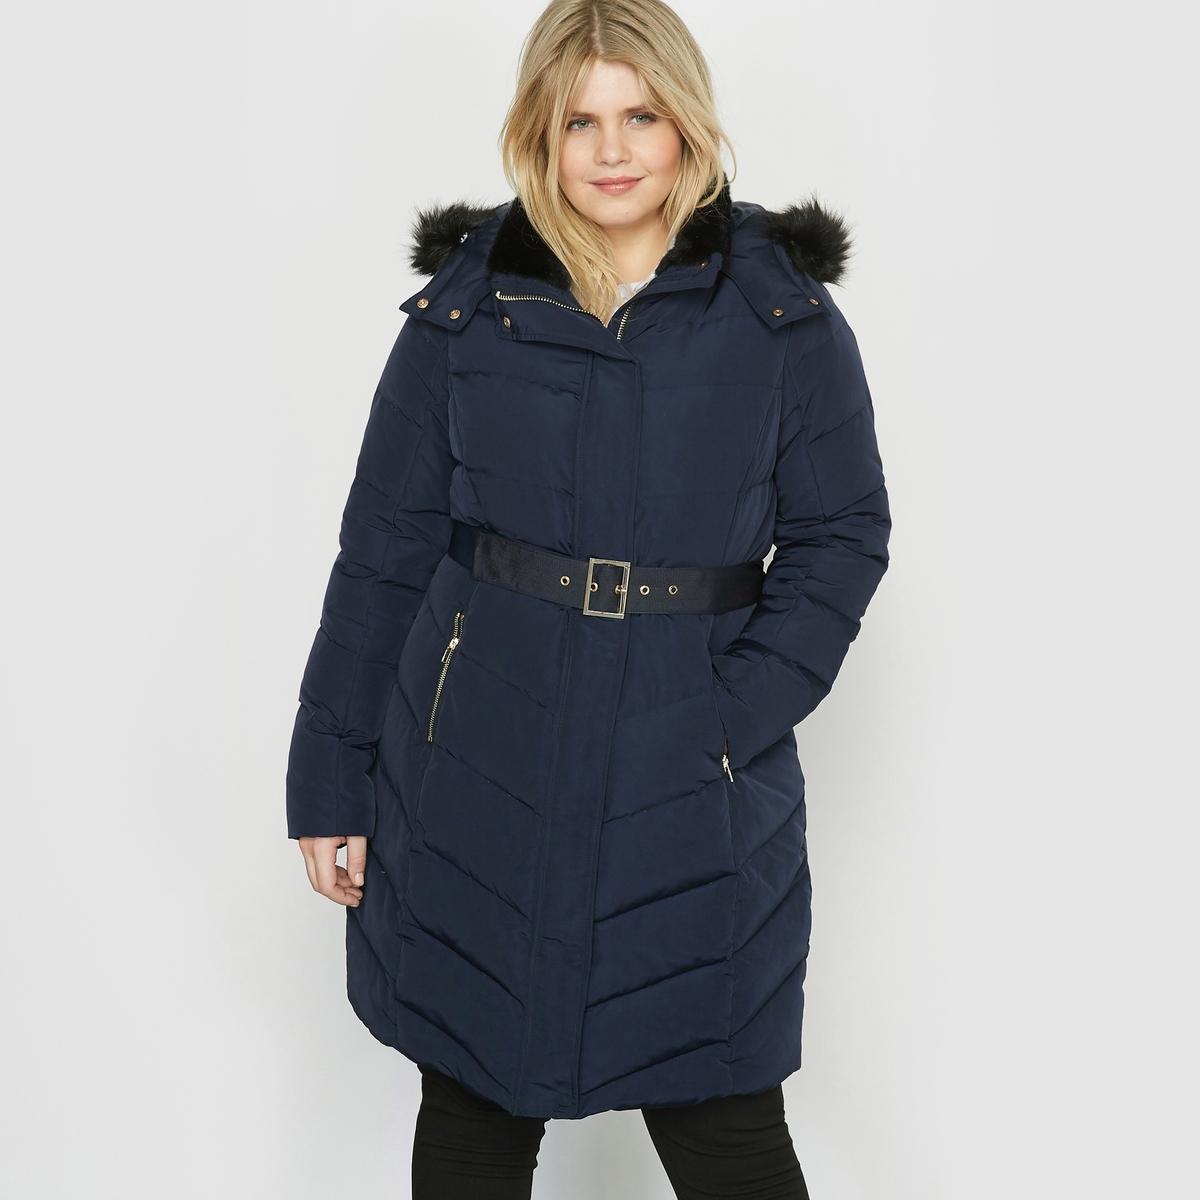 Куртка стеганая с капюшономВам понравится эта длинная куртка с капюшоном. Длинную куртку с капюшоном легко сочетать. Незаменима в гардеробе!Детали •  Длина  : удлиненная модель •  Капюшон  •  Застежка на молнию •  С капюшоном Состав и уход •  100% полиэстер •  Подкладка : 100% полиэстер •  Температура стирки 30° на деликатном режиме   •  Деликатная сухая чистка / не отбеливать •  Не использовать барабанную сушку •  Не гладить  Товар из коллекции больших размеров<br><br>Цвет: темно-синий,черный<br>Размер: 48 (FR) - 54 (RUS).46 (FR) - 52 (RUS).50 (FR) - 56 (RUS).56 (FR) - 62 (RUS).52 (FR) - 58 (RUS).58 (FR) - 64 (RUS)